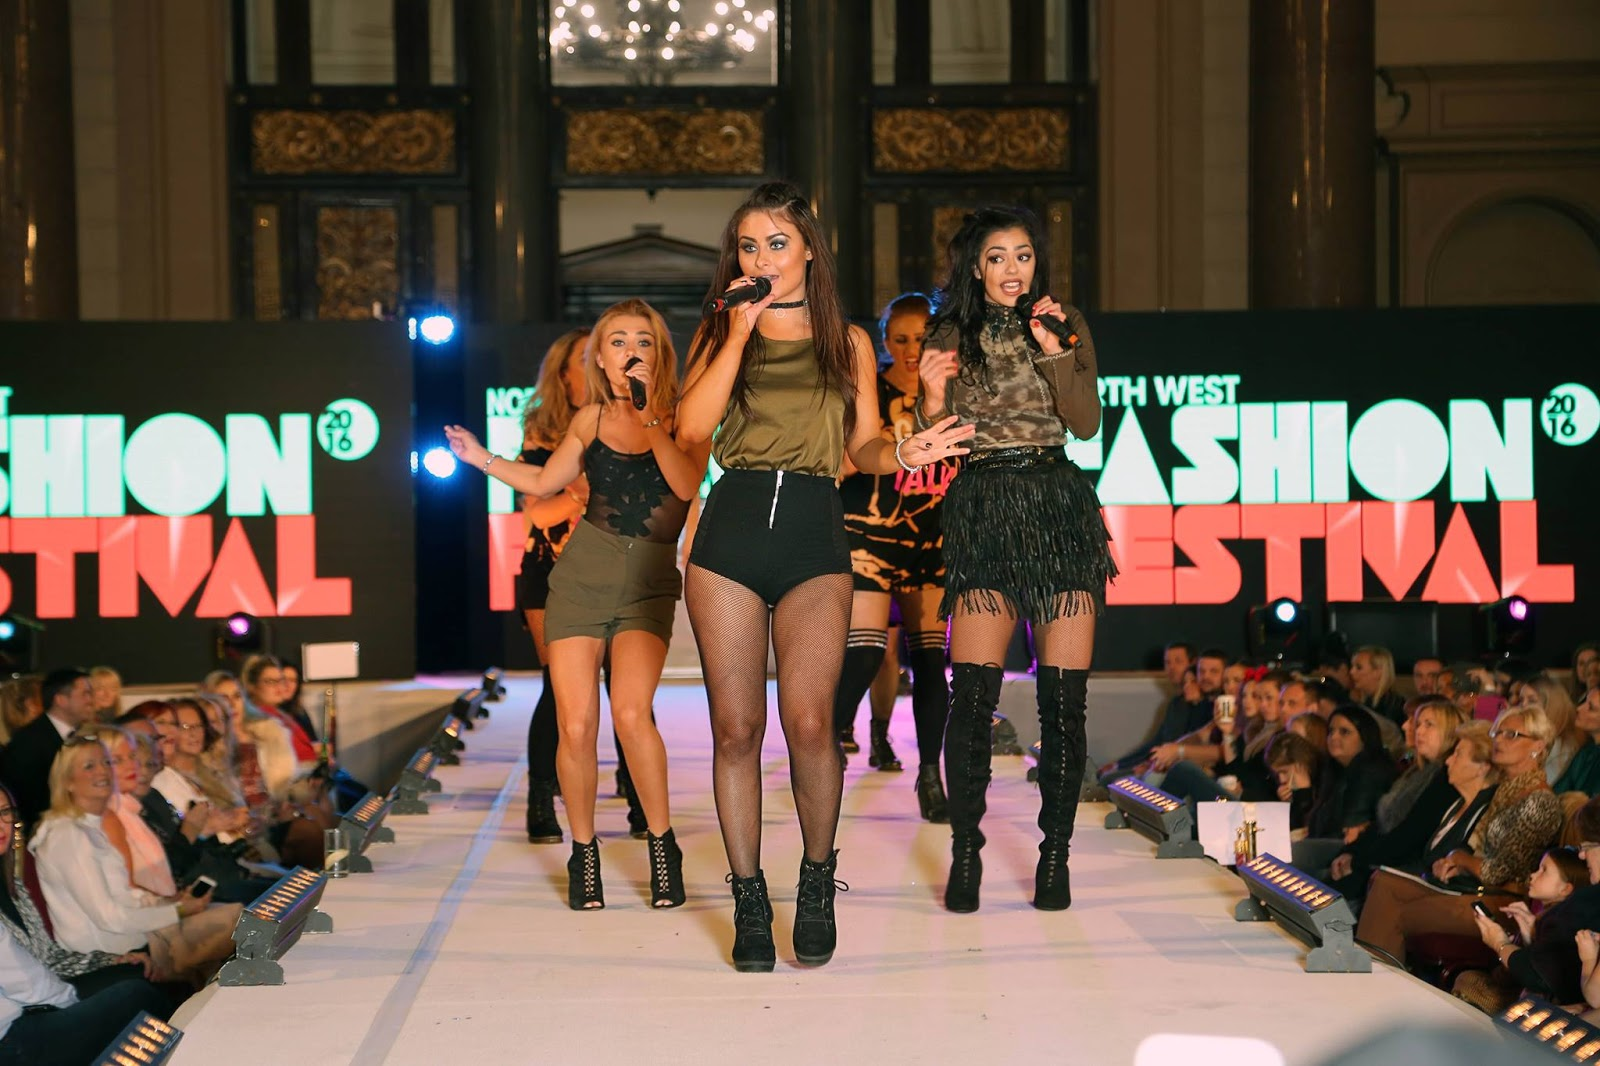 North West Fashion Festival 2016